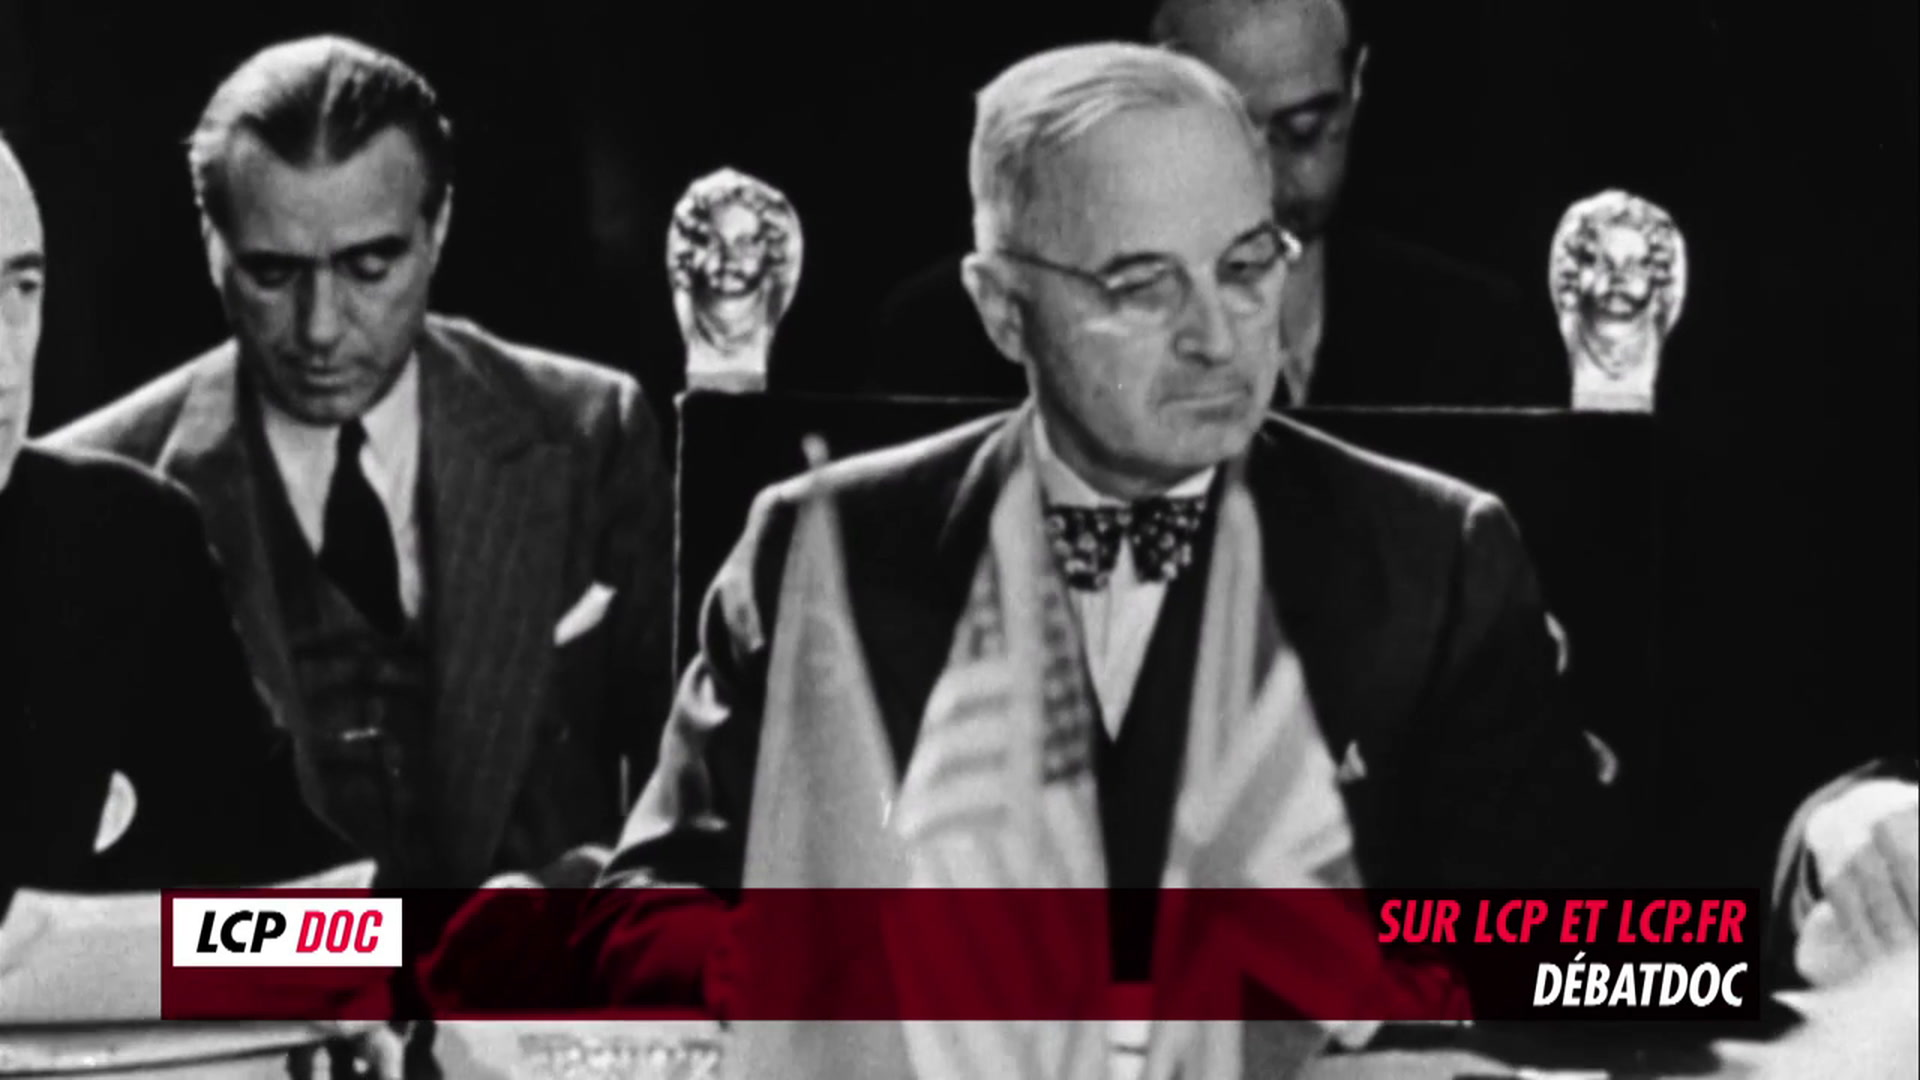 Les coulisses de l'histoire : Hiroshima, la défaite de Staline